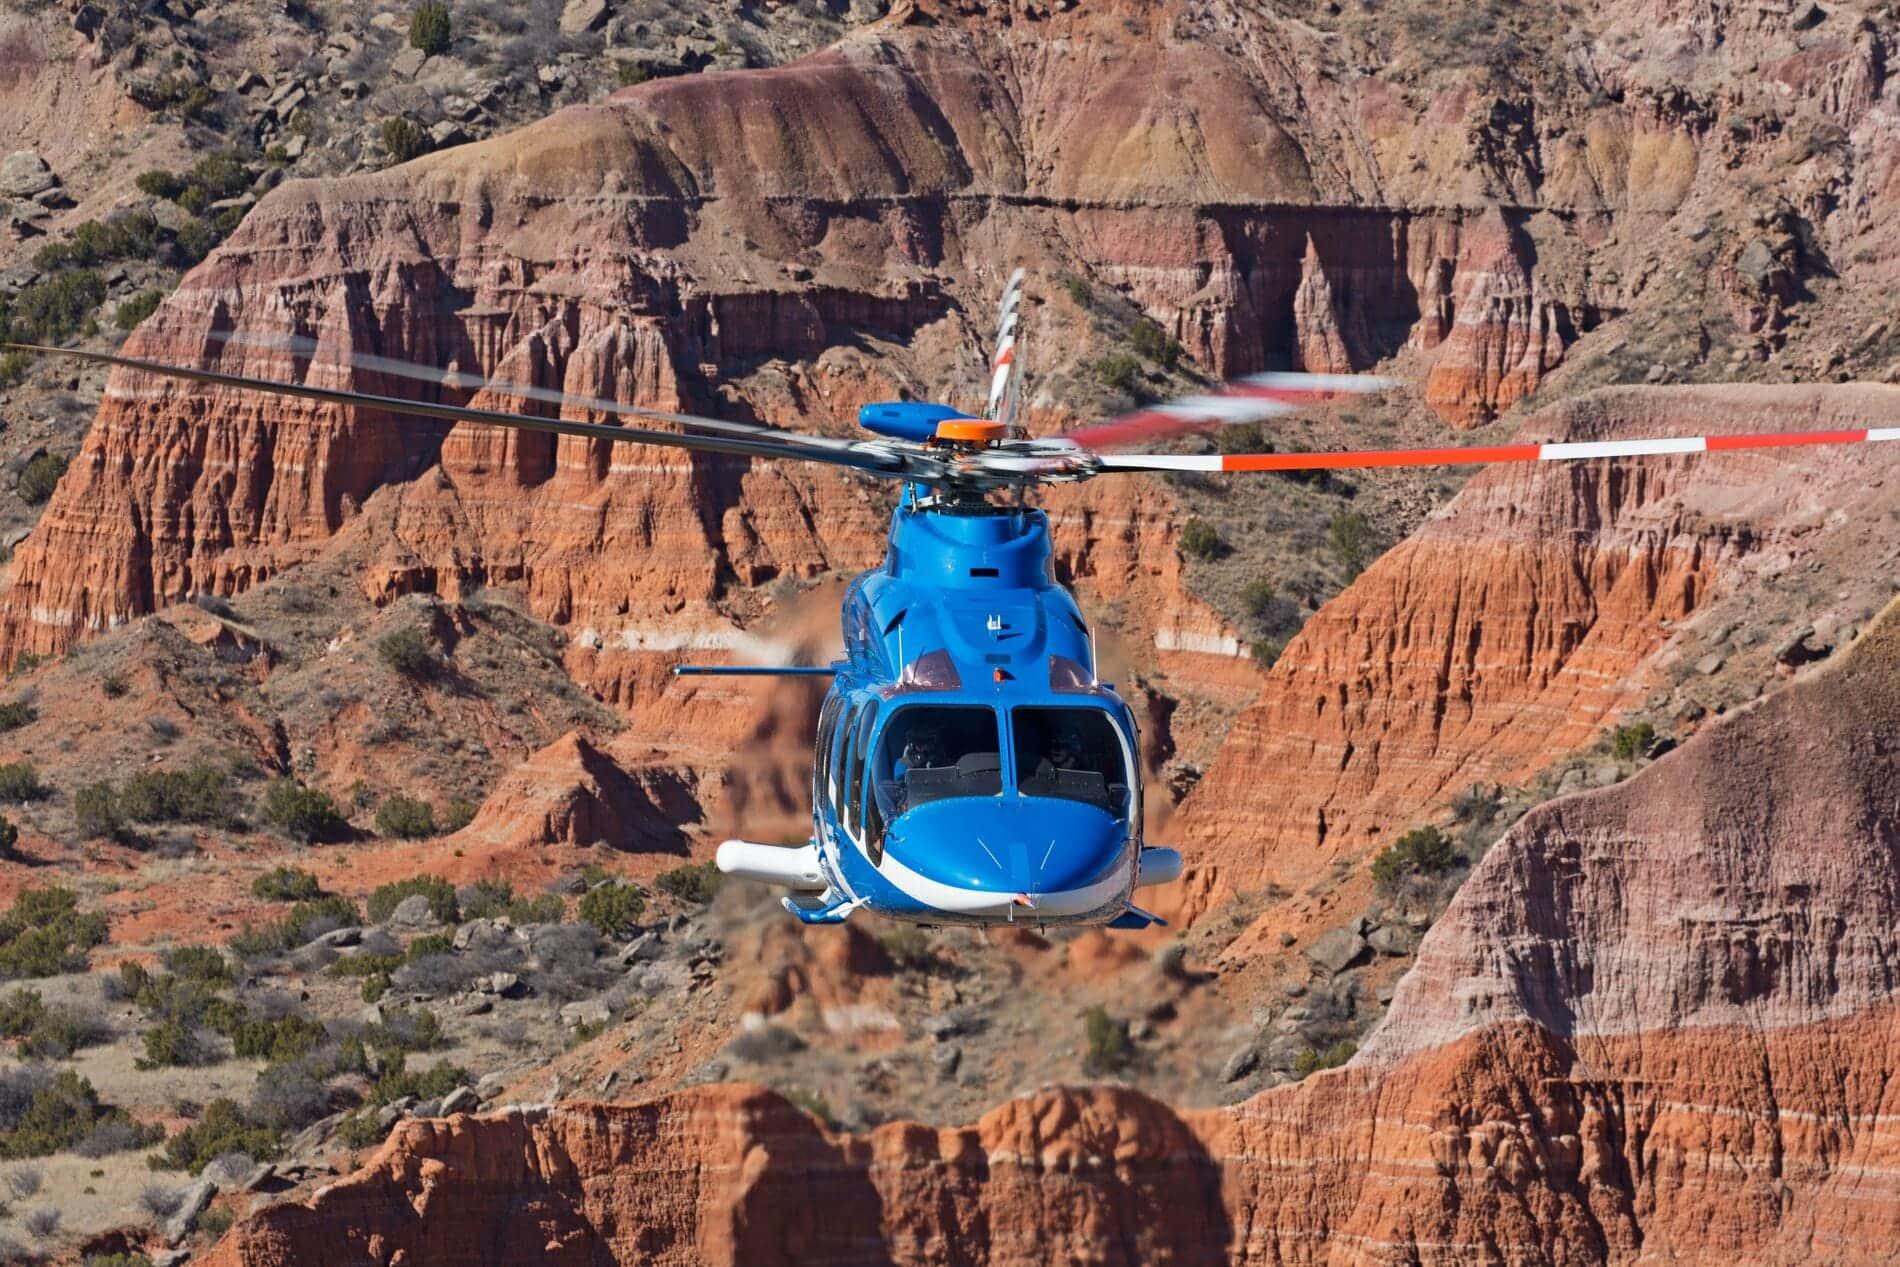 Bell 525 au dessus des montagnes désertiques